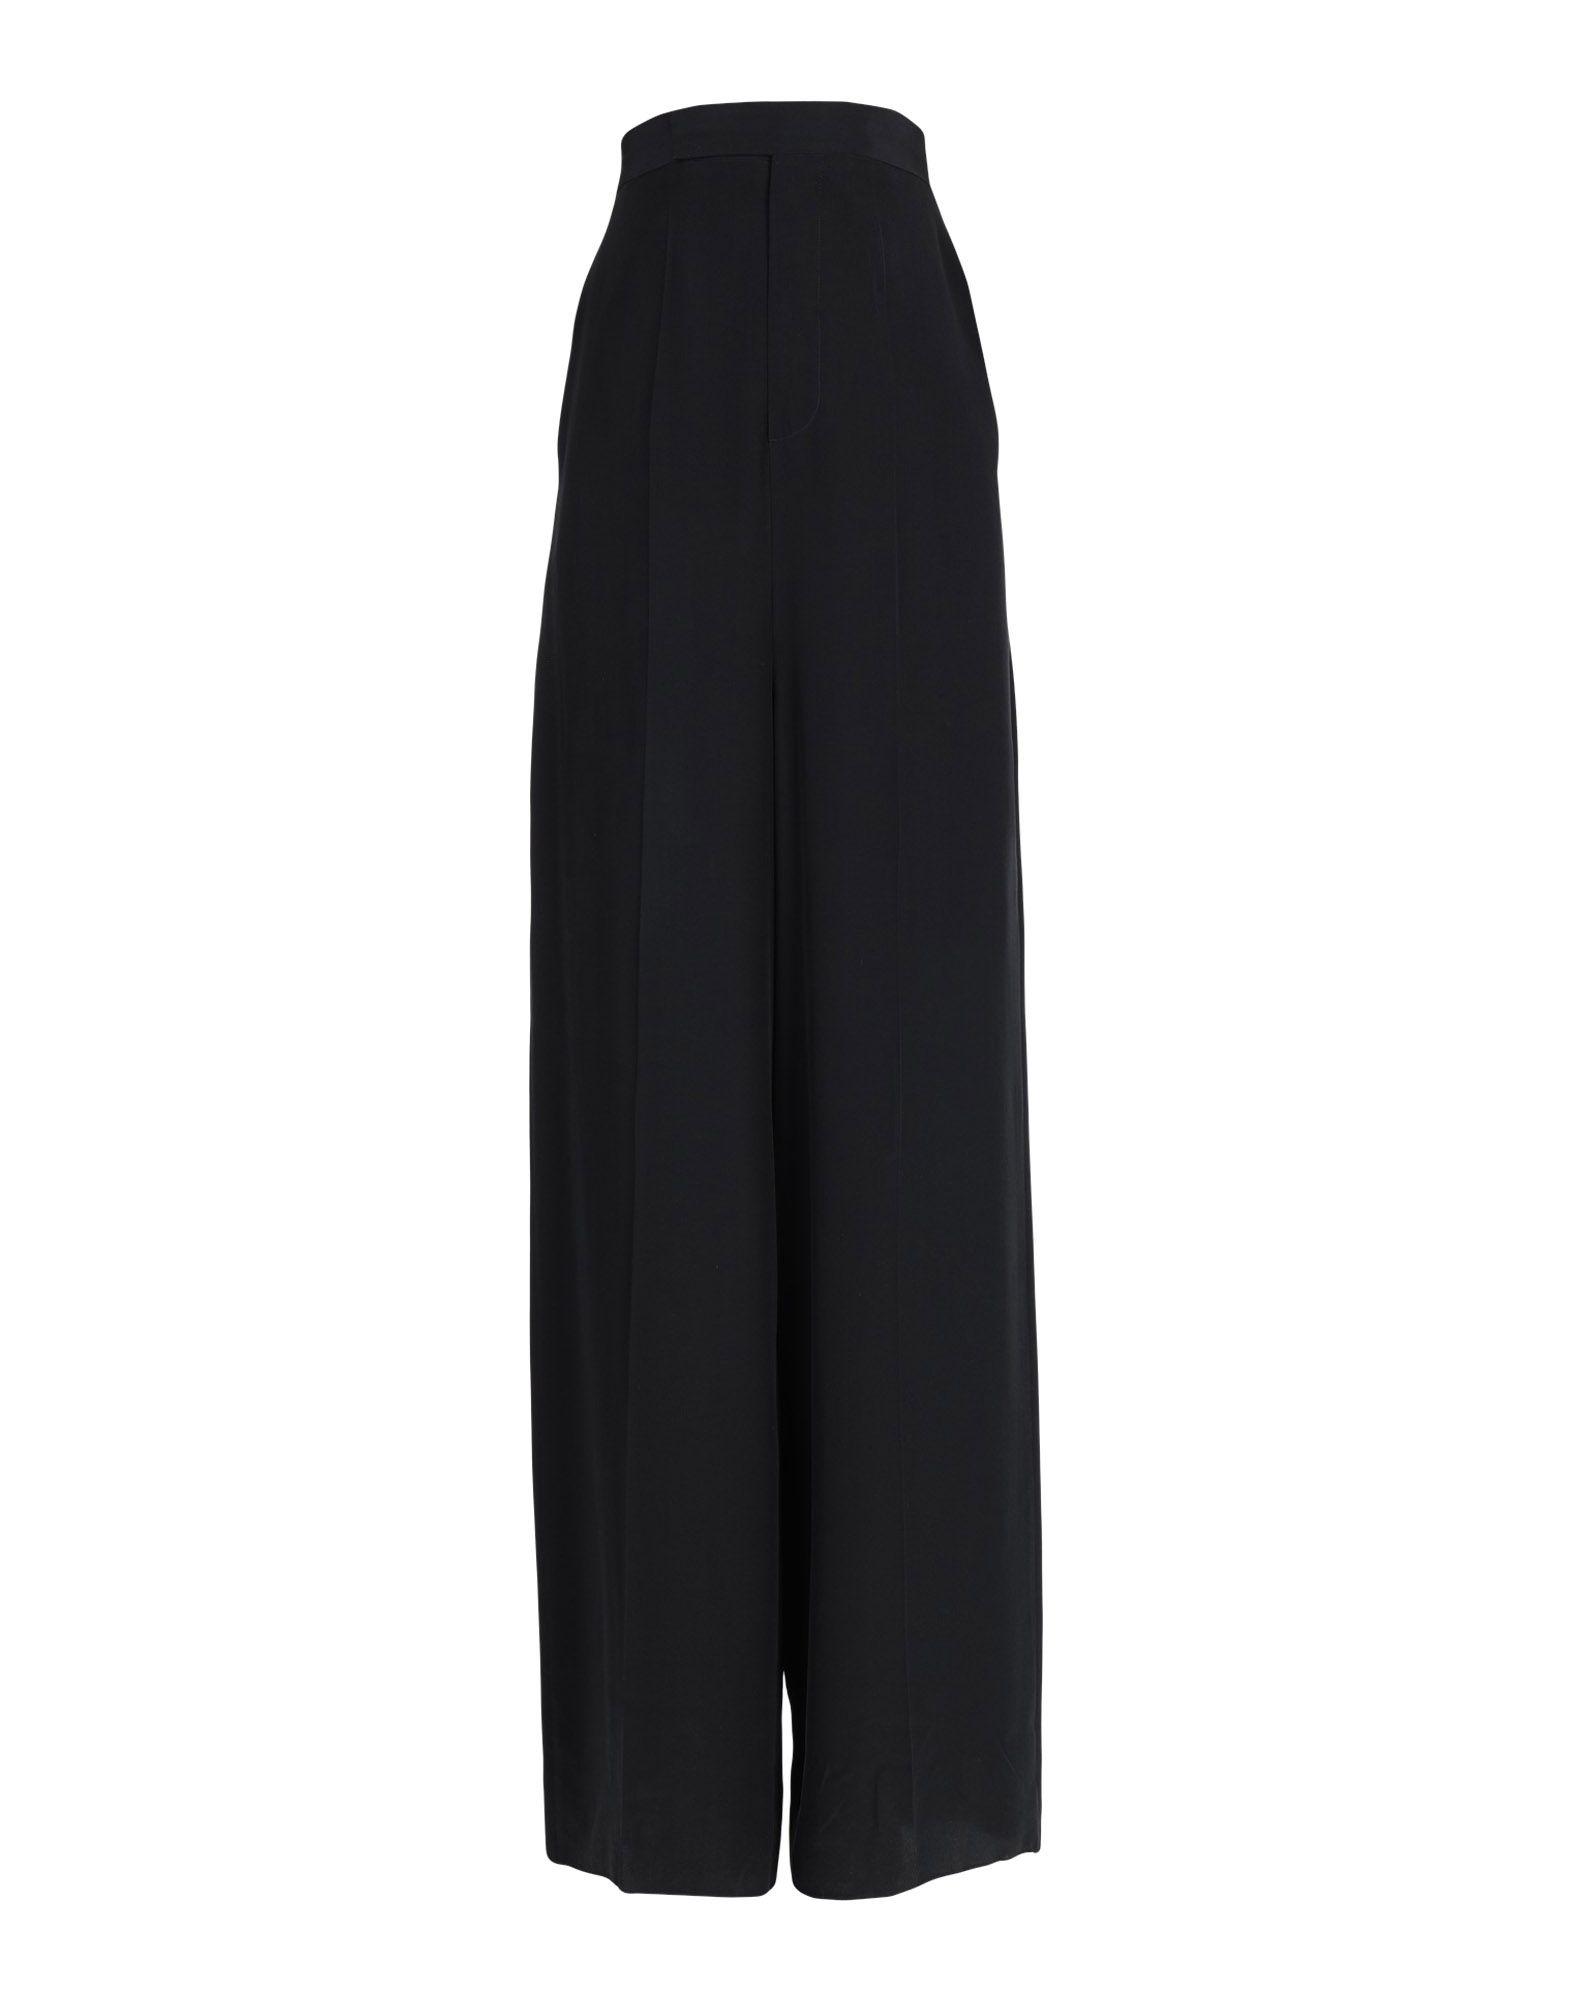 RICK OWENS Повседневные брюки повседневные брюки rick owens 61i m06018 15 lui